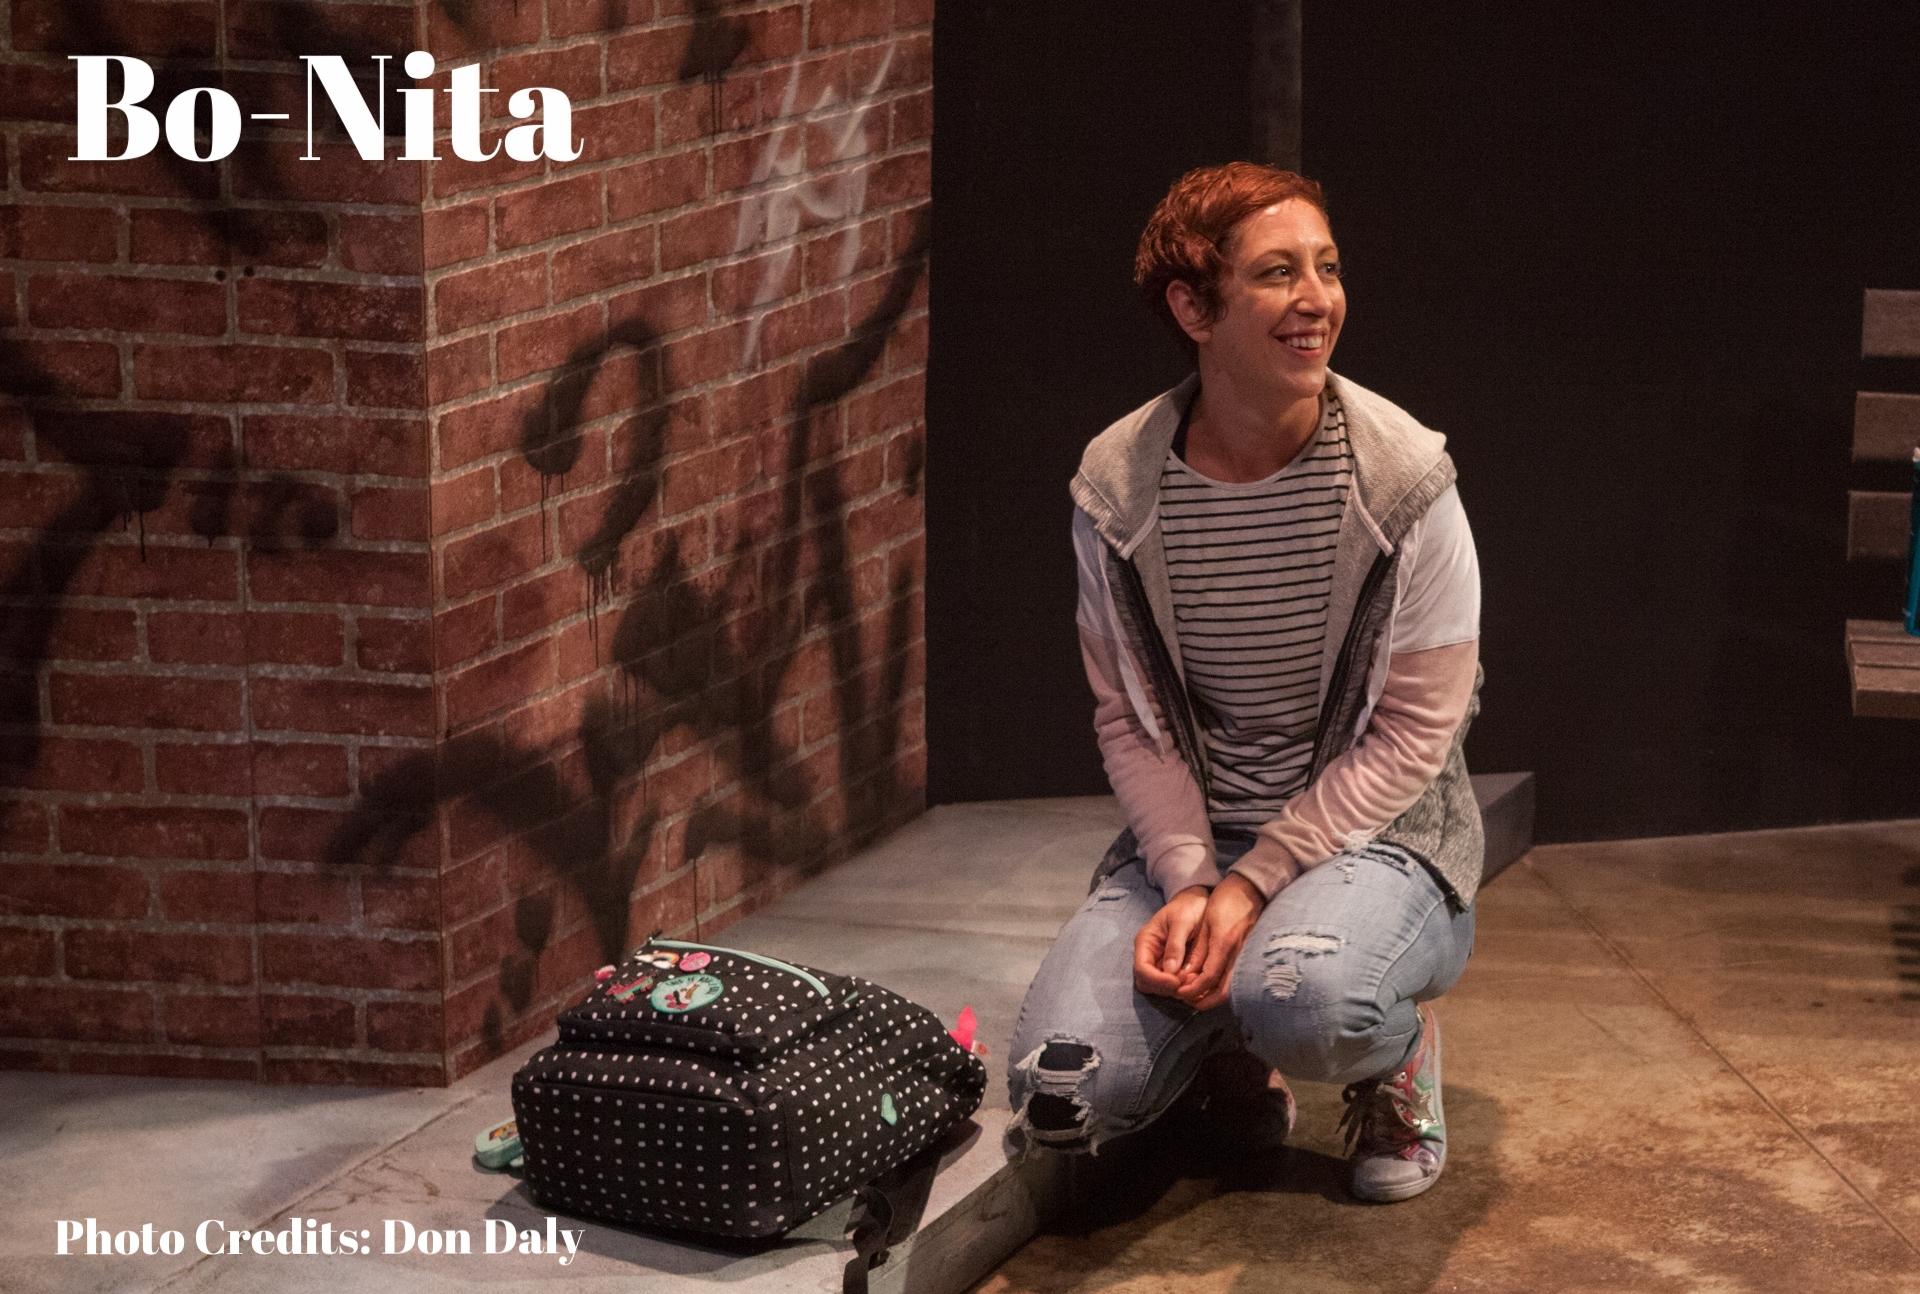 Bo-Nita